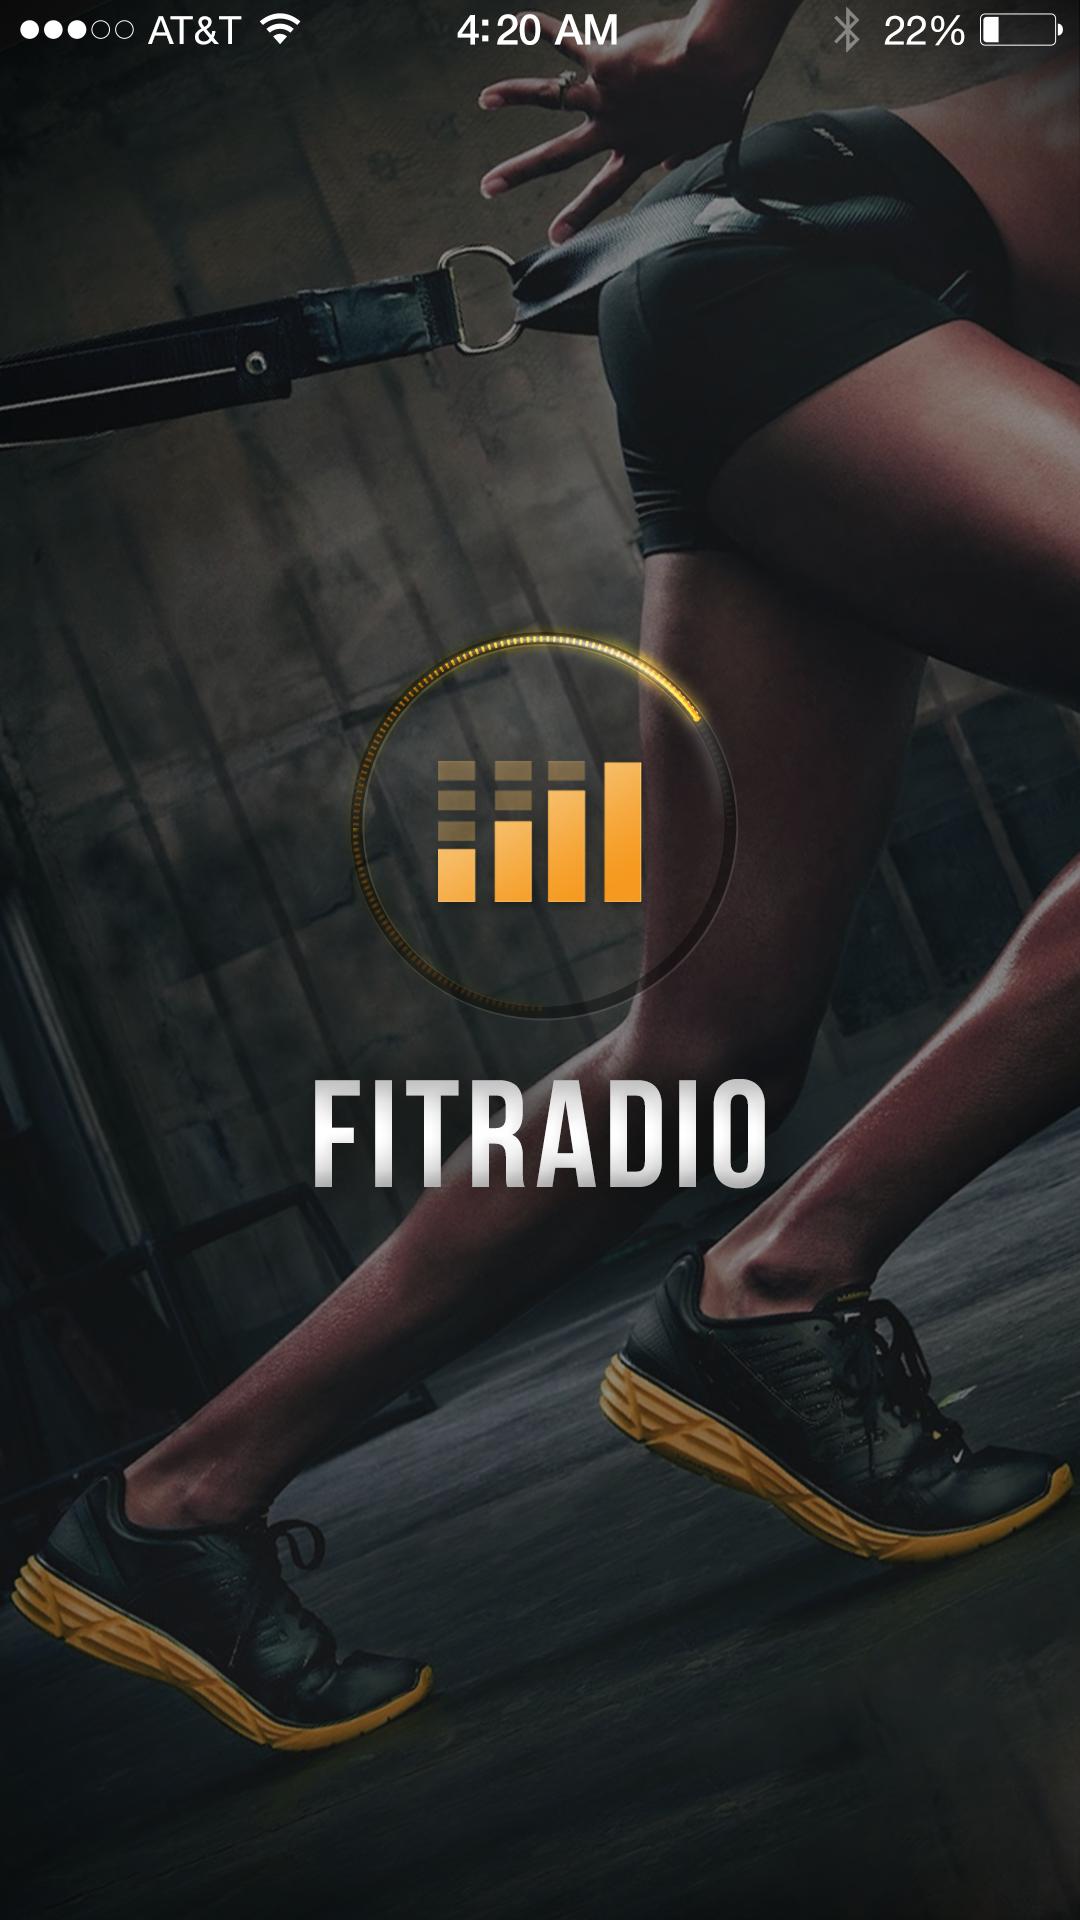 FitRadio_SplashScreen_iOS8 copy